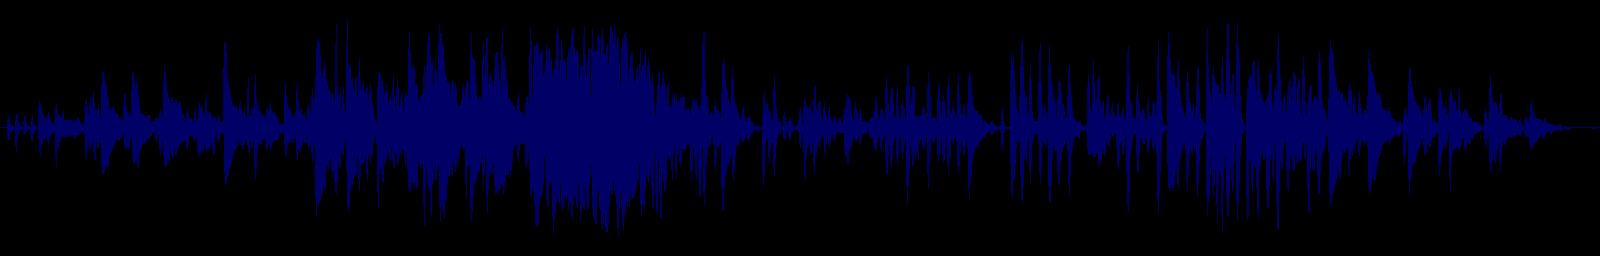 waveform of track #129562